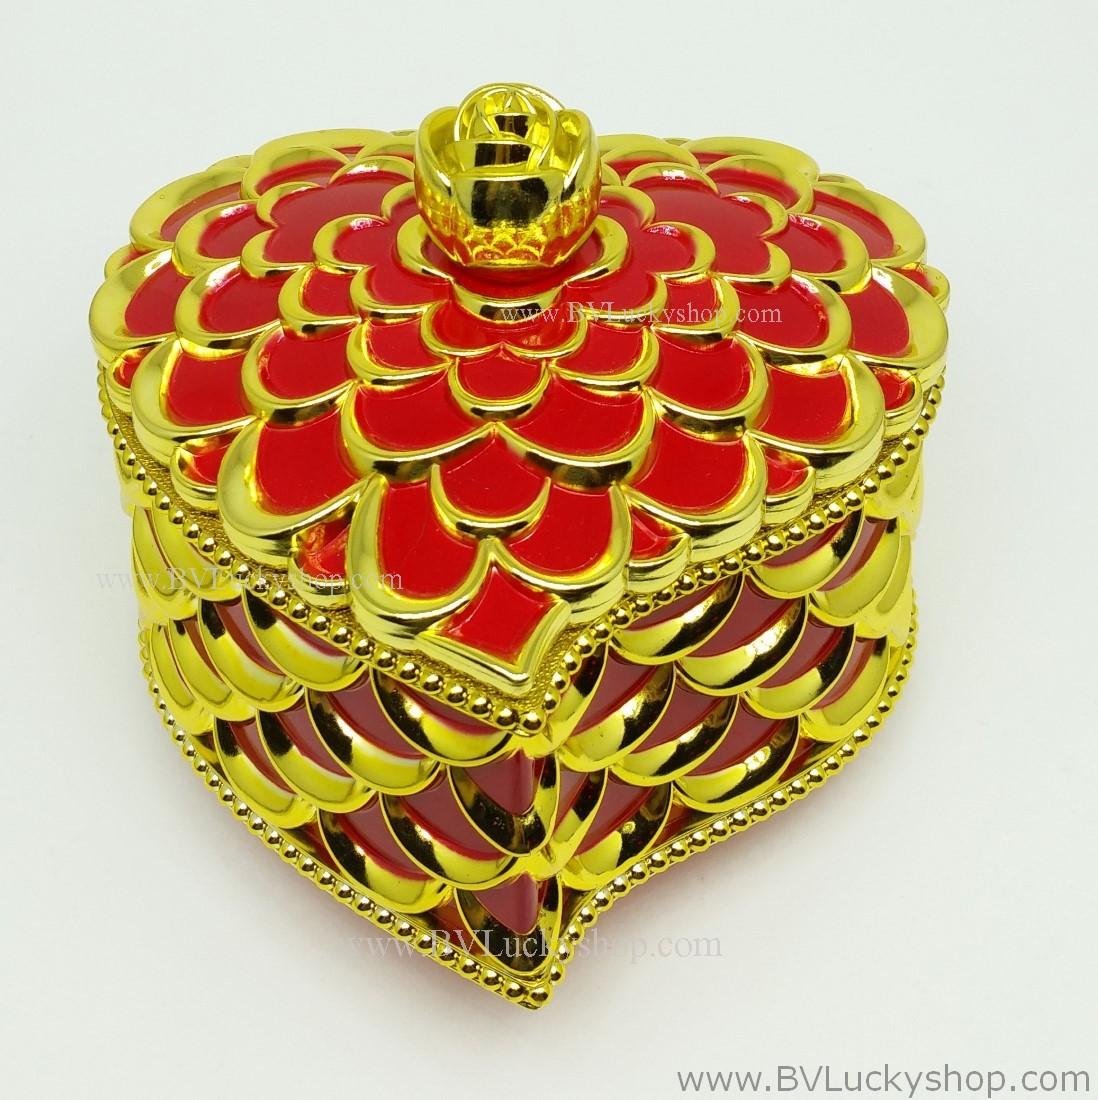 กล่องเก็บเครื่องประดับ หัวใจ ยาว 5 นิ้ว - สีแดง/ทอง [HE18005-Red.G]